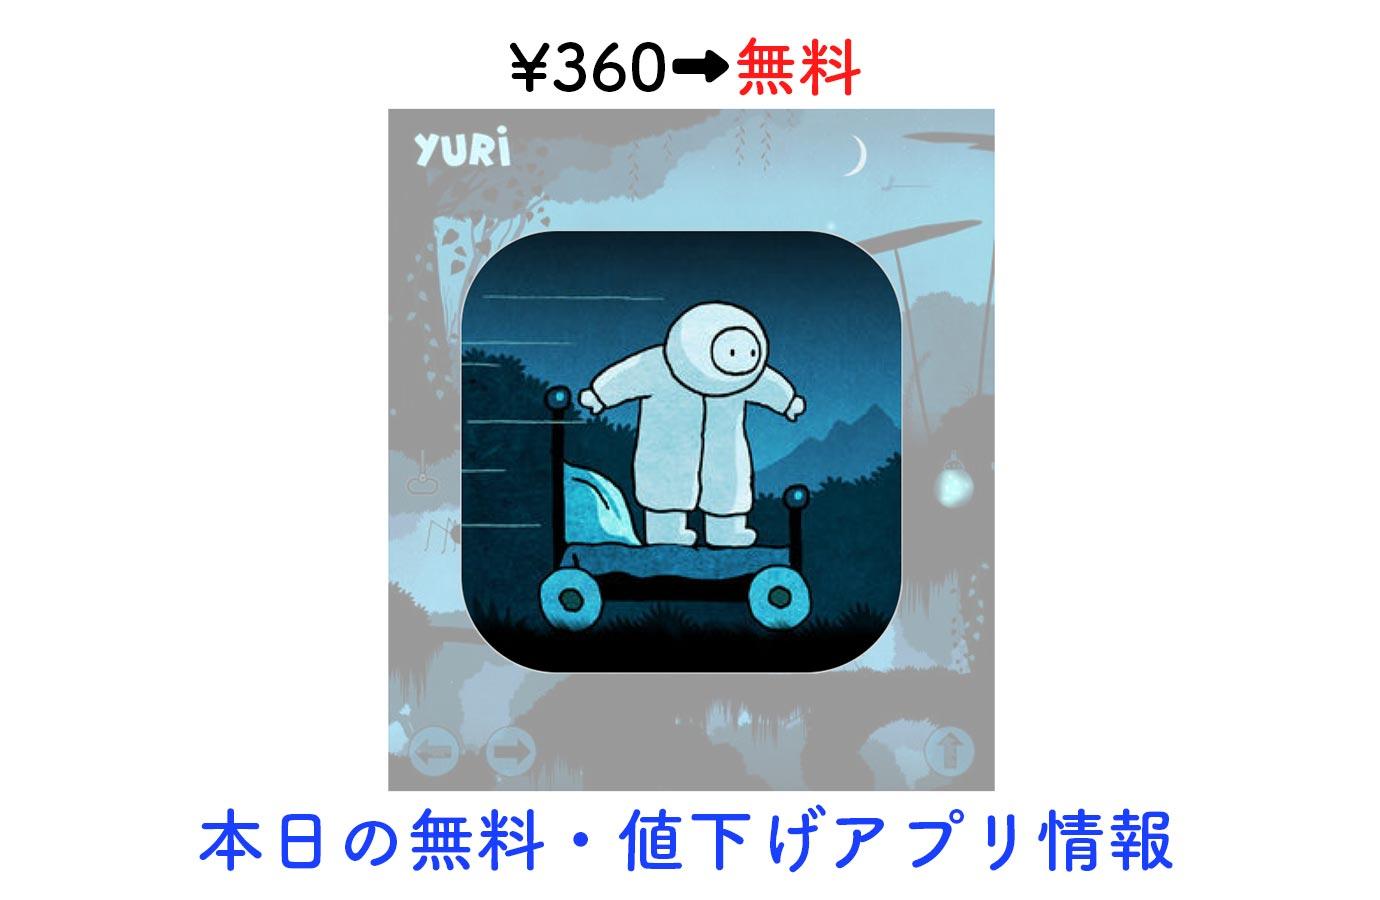 ¥360→無料、幻想的な世界観が特徴の横スクロールアクション「Yuri」など【12/18】本日の無料・値下げアプリ情報